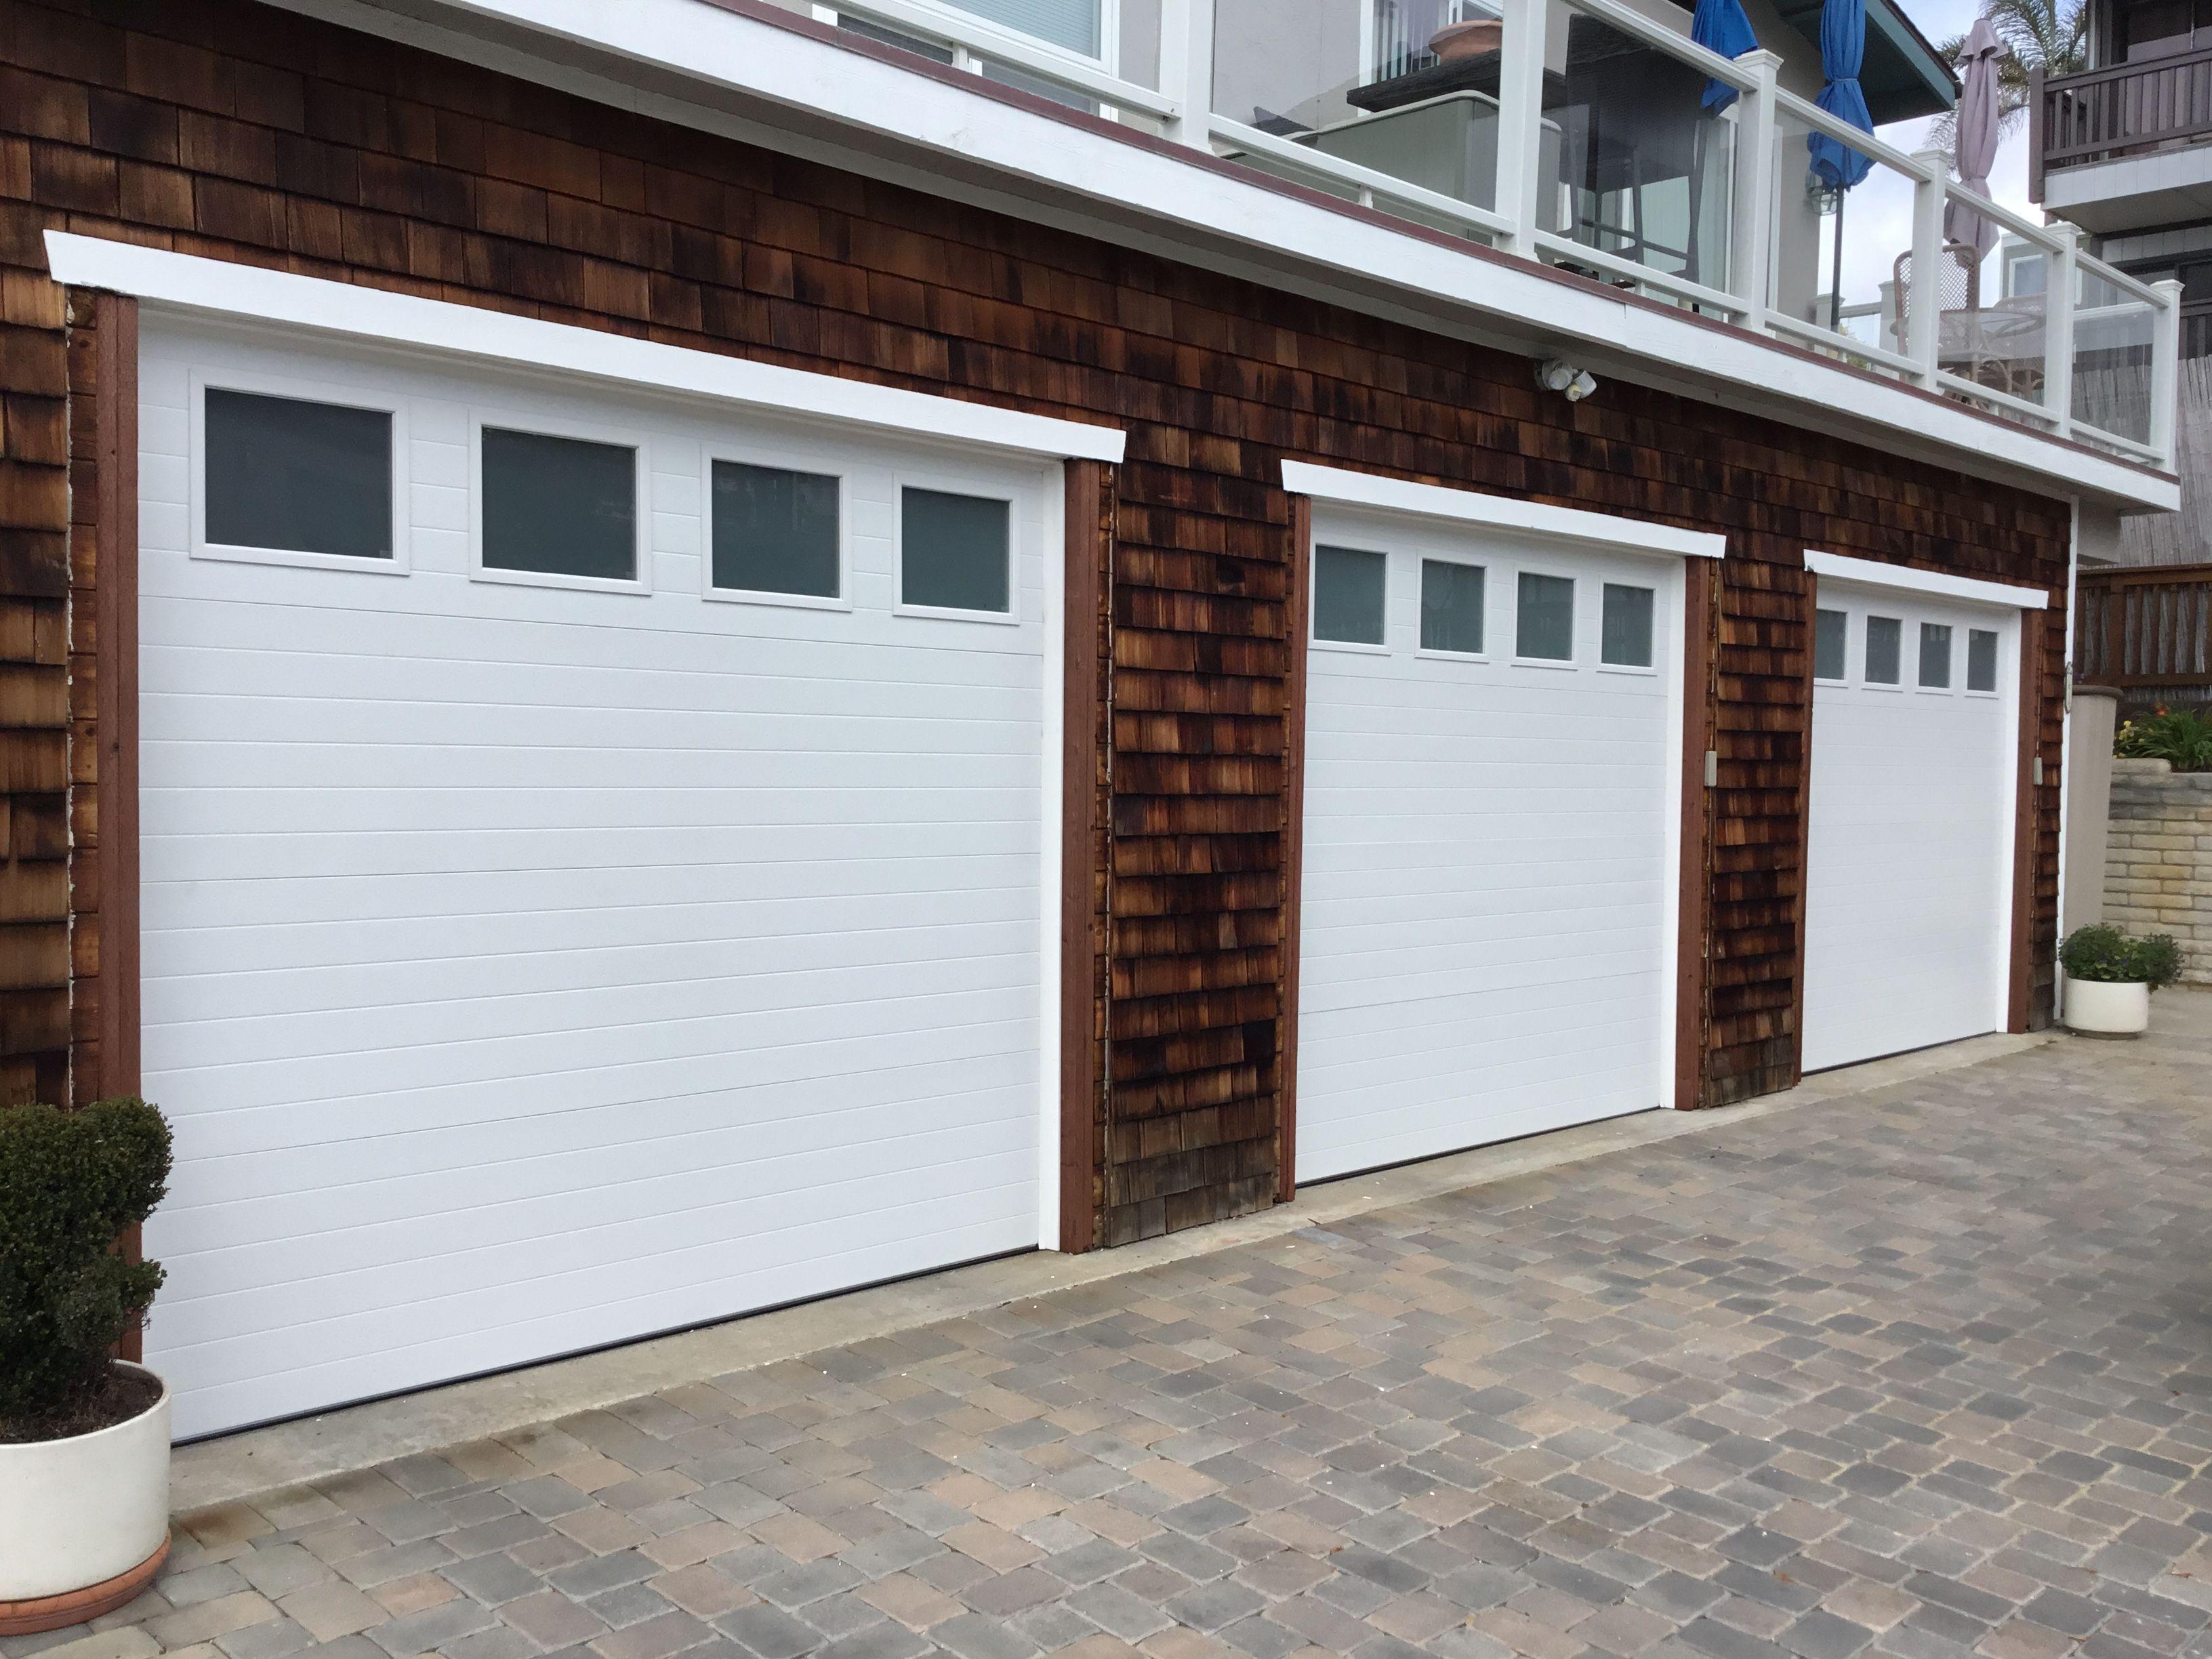 Clopay Modern Groove 3 Car Single Garage Doors With Frosted Glass Looks Groovy Garage Door Styles Garage Door Types Garage